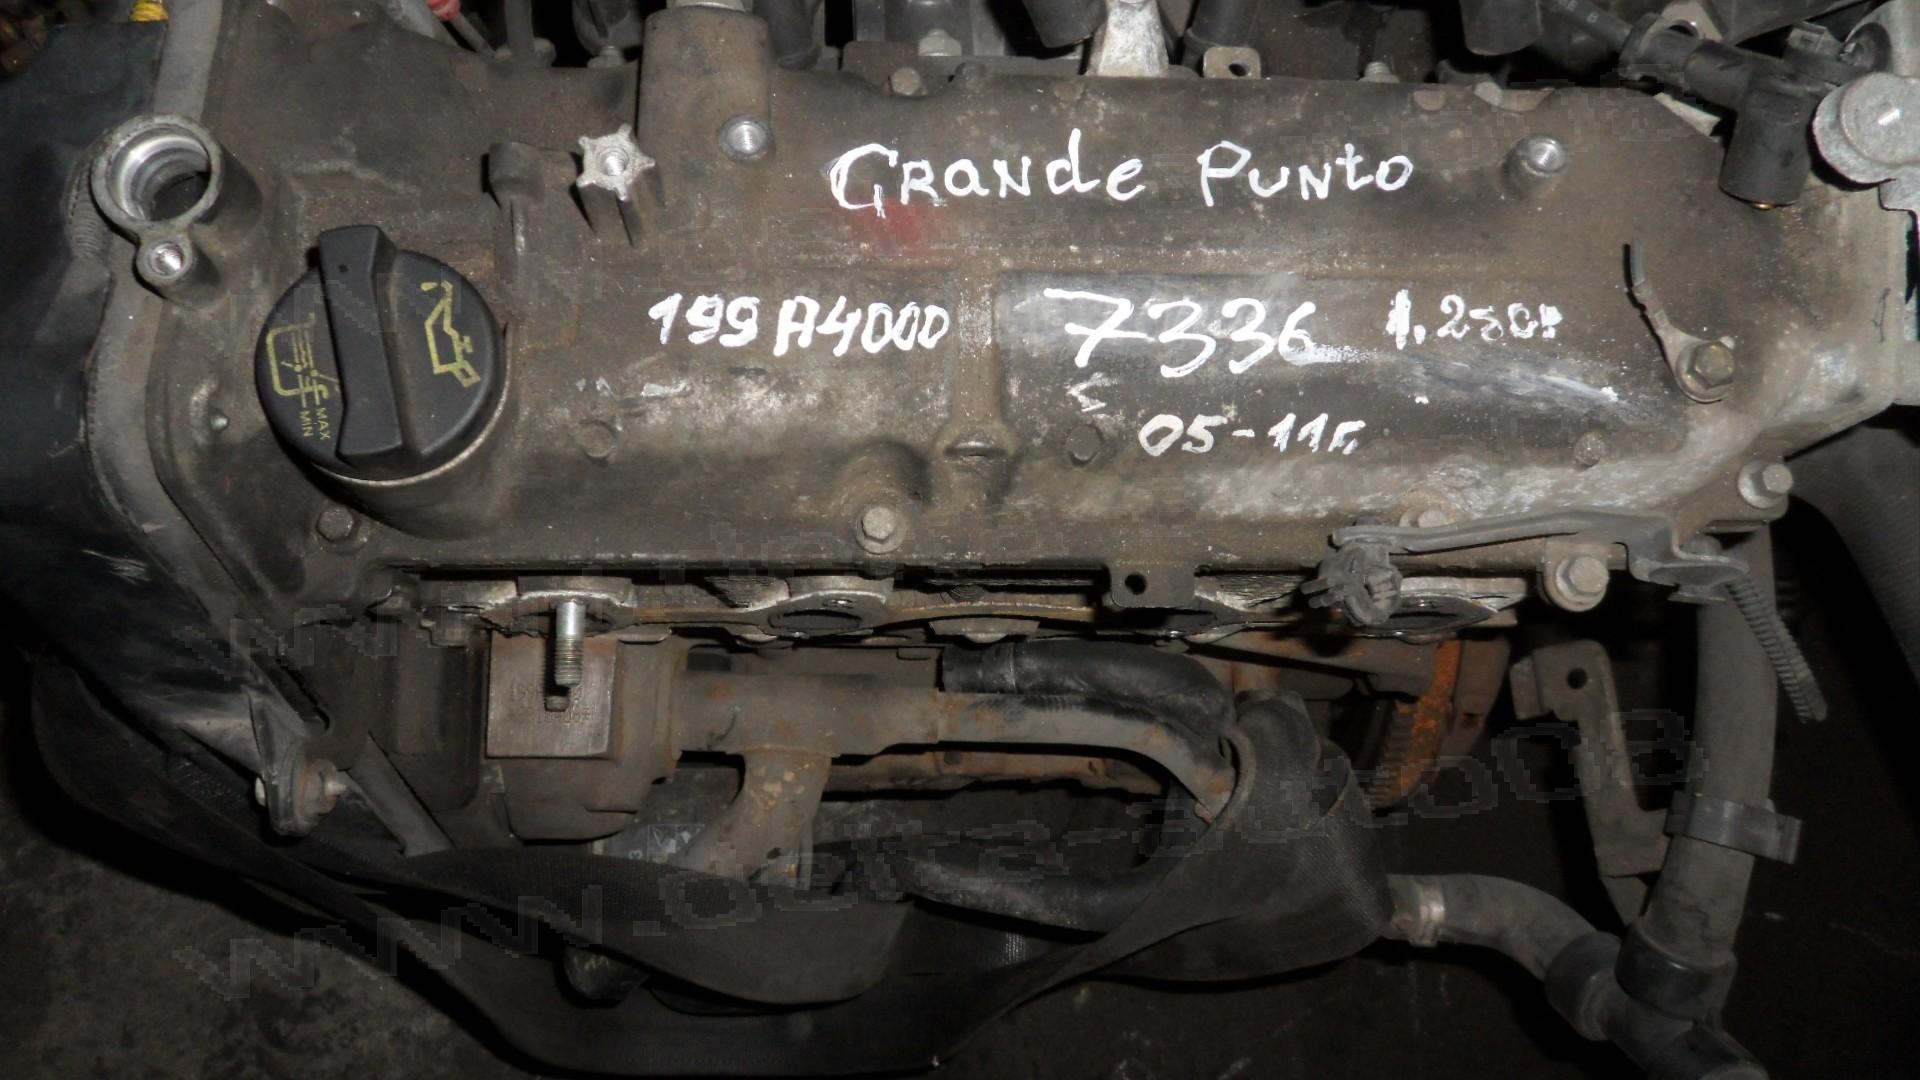 Двигател за Fiat Grande Punto, 1.2, 65к.с., 2005-2011г., 199A4.000, 199A4000. Цената е за необорудван двигател.